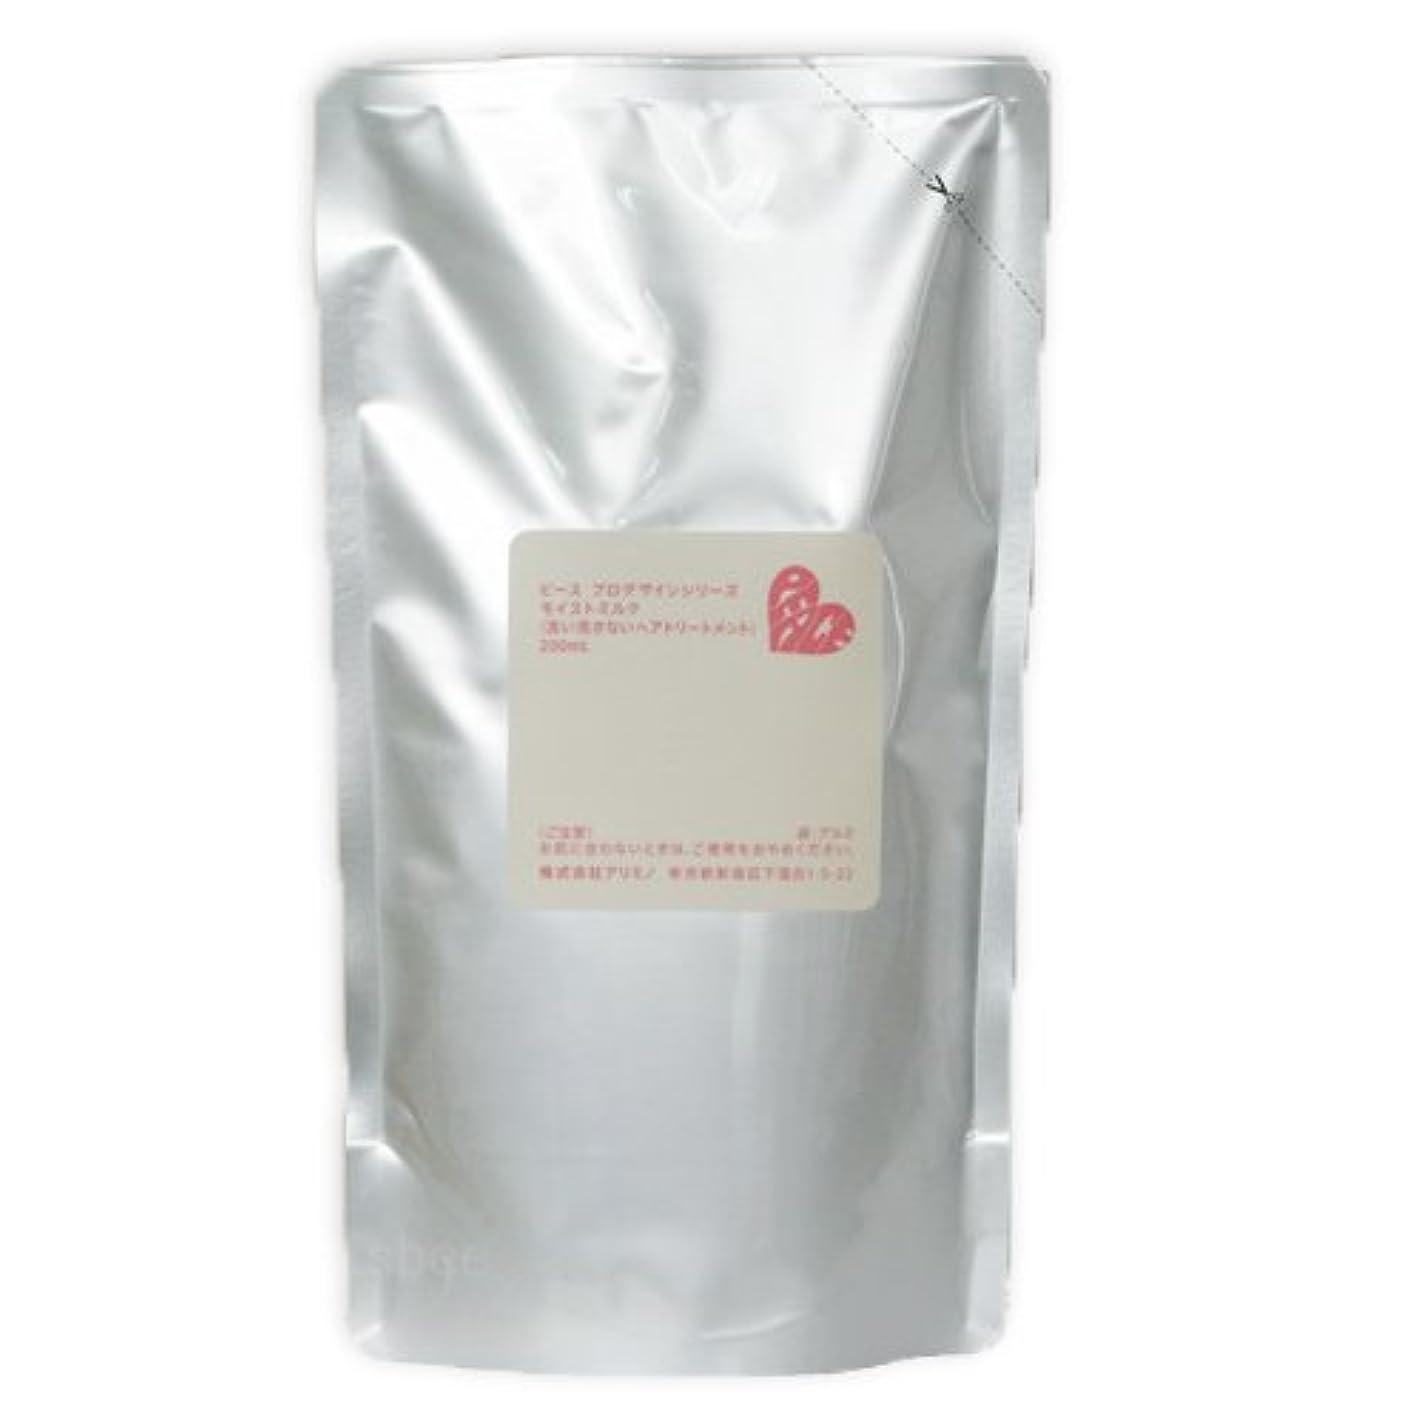 許可受け皿引っ張るアリミノ ピース モイストミルク バニラ 200mL 詰め替え リフィル